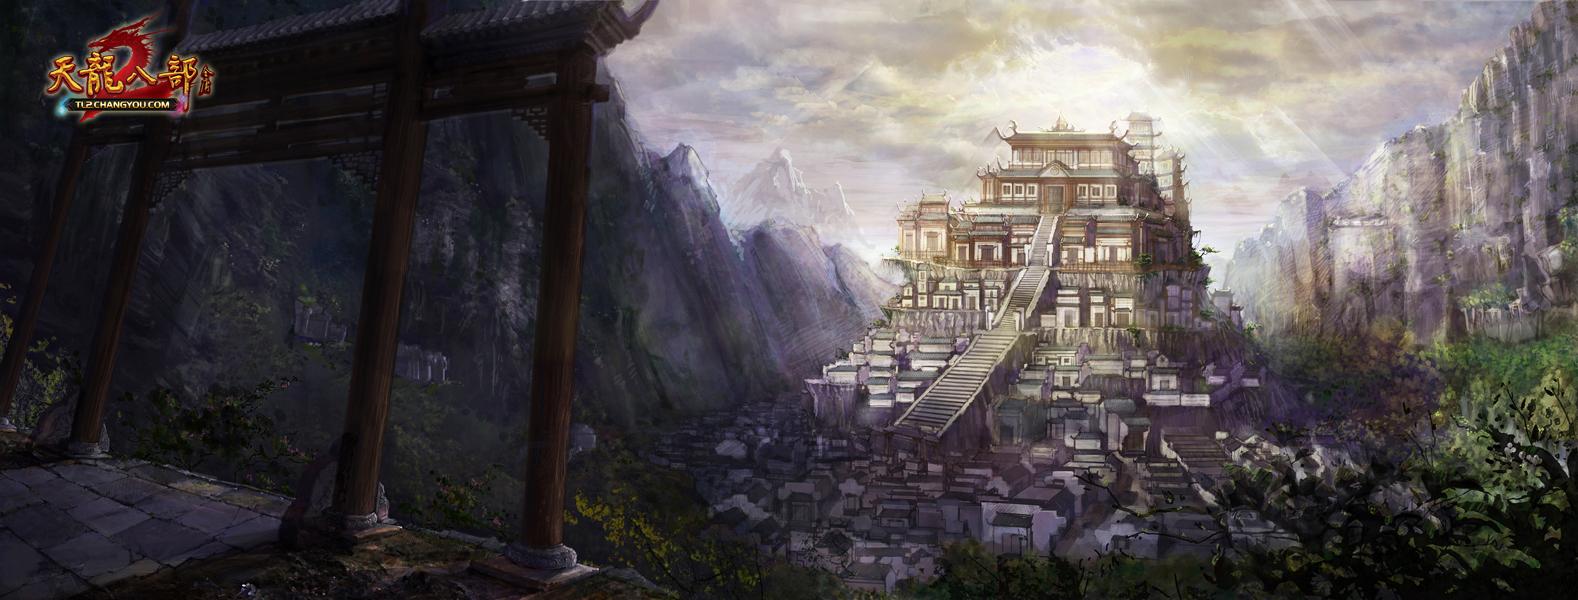 慕容世家多代居于江南姑苏燕子坞参合庄,擅长众家武学,博览中原武学